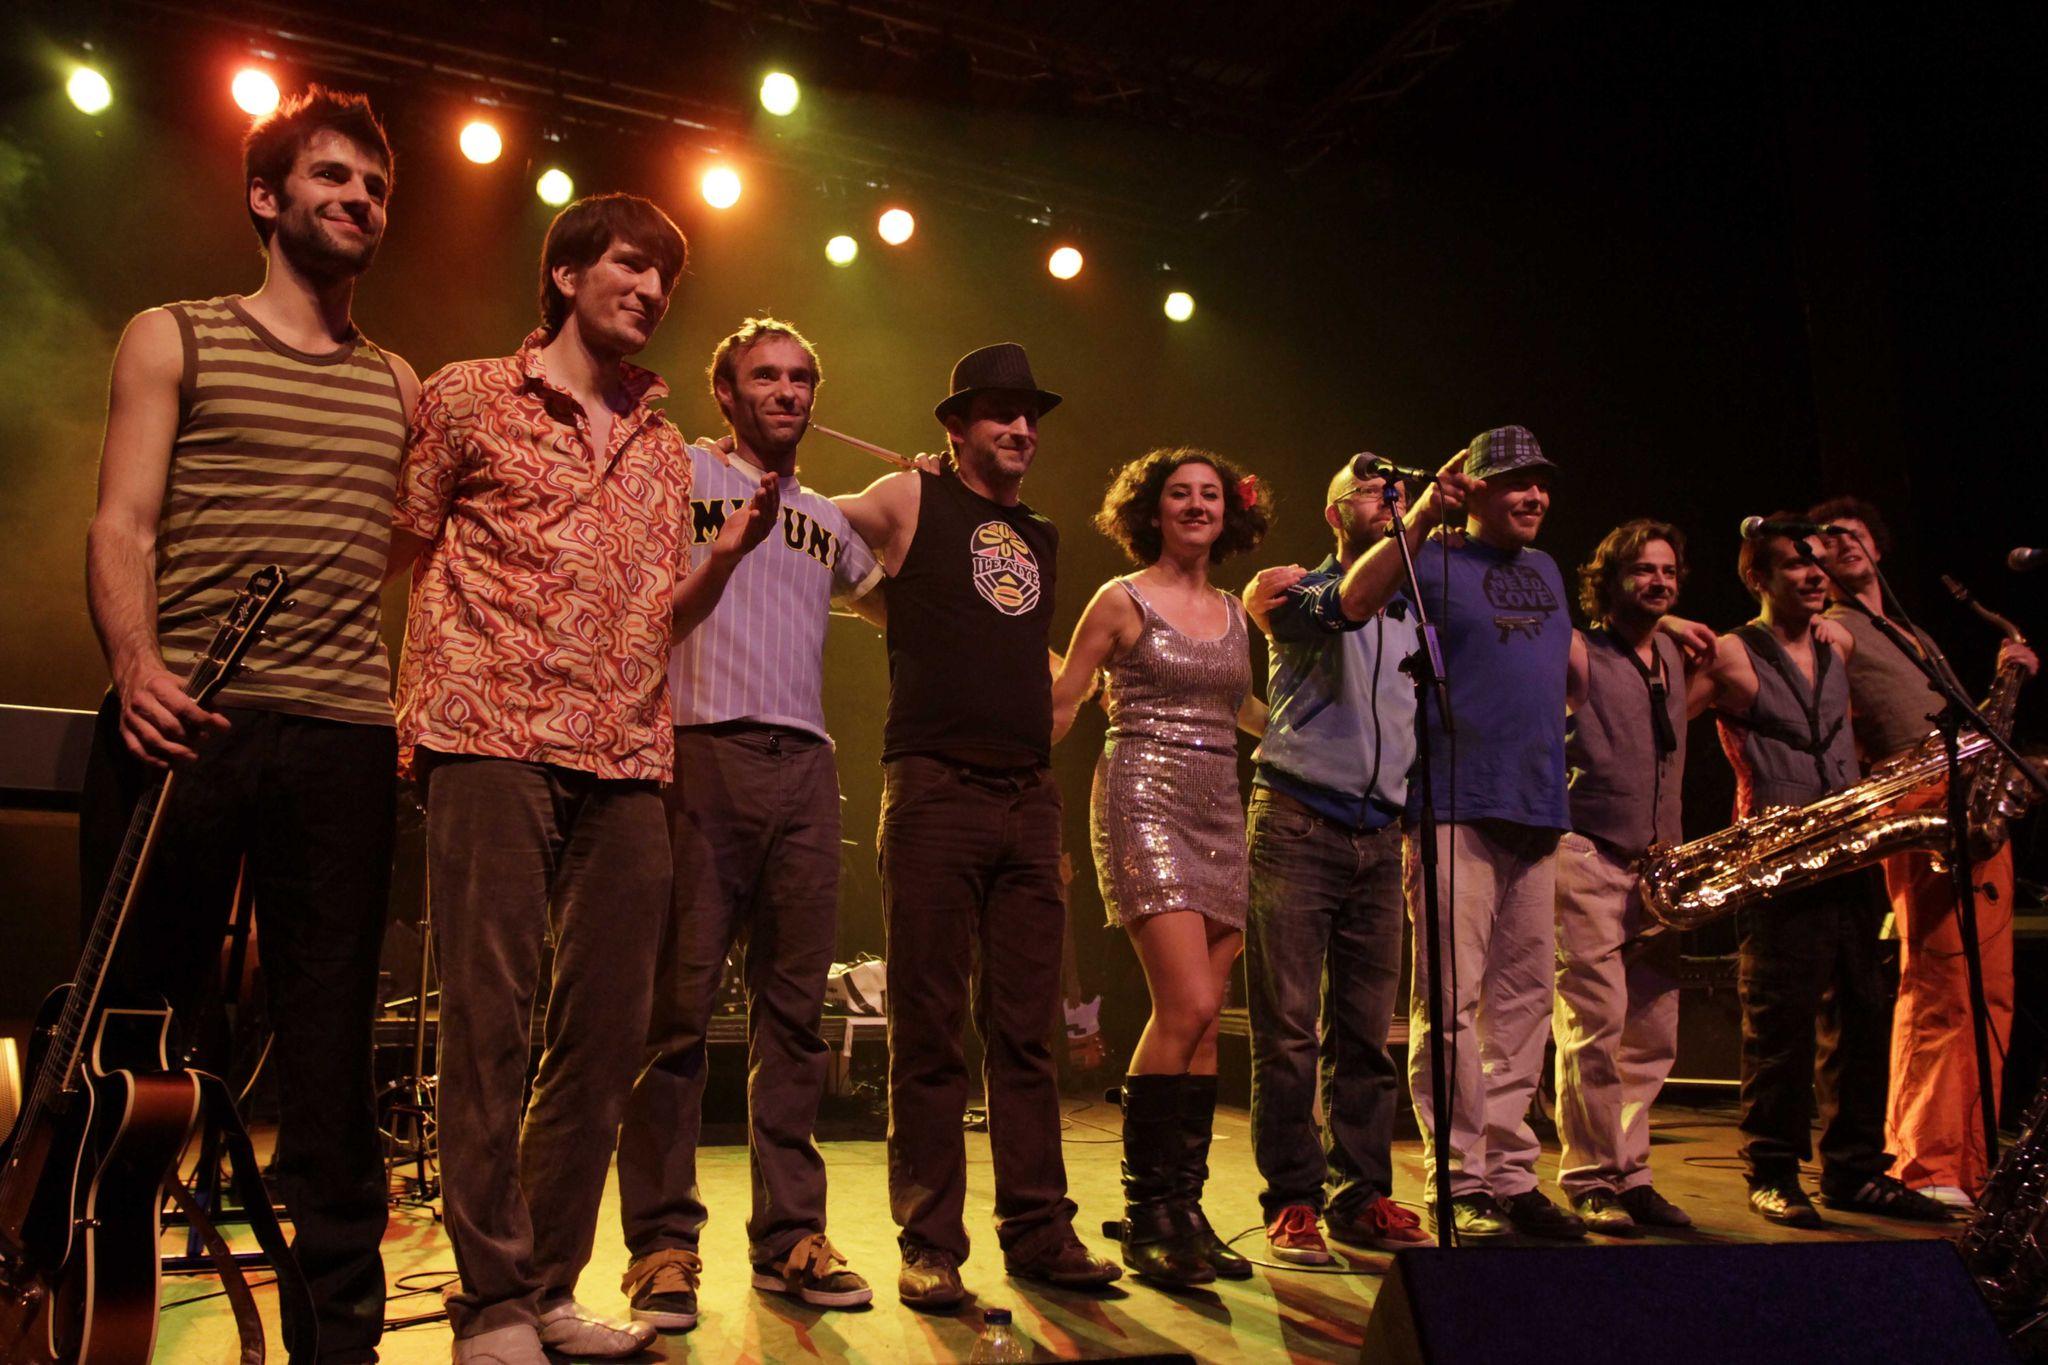 AfroWildZombies-Tour2Chauffe-LesArcades-2012-274